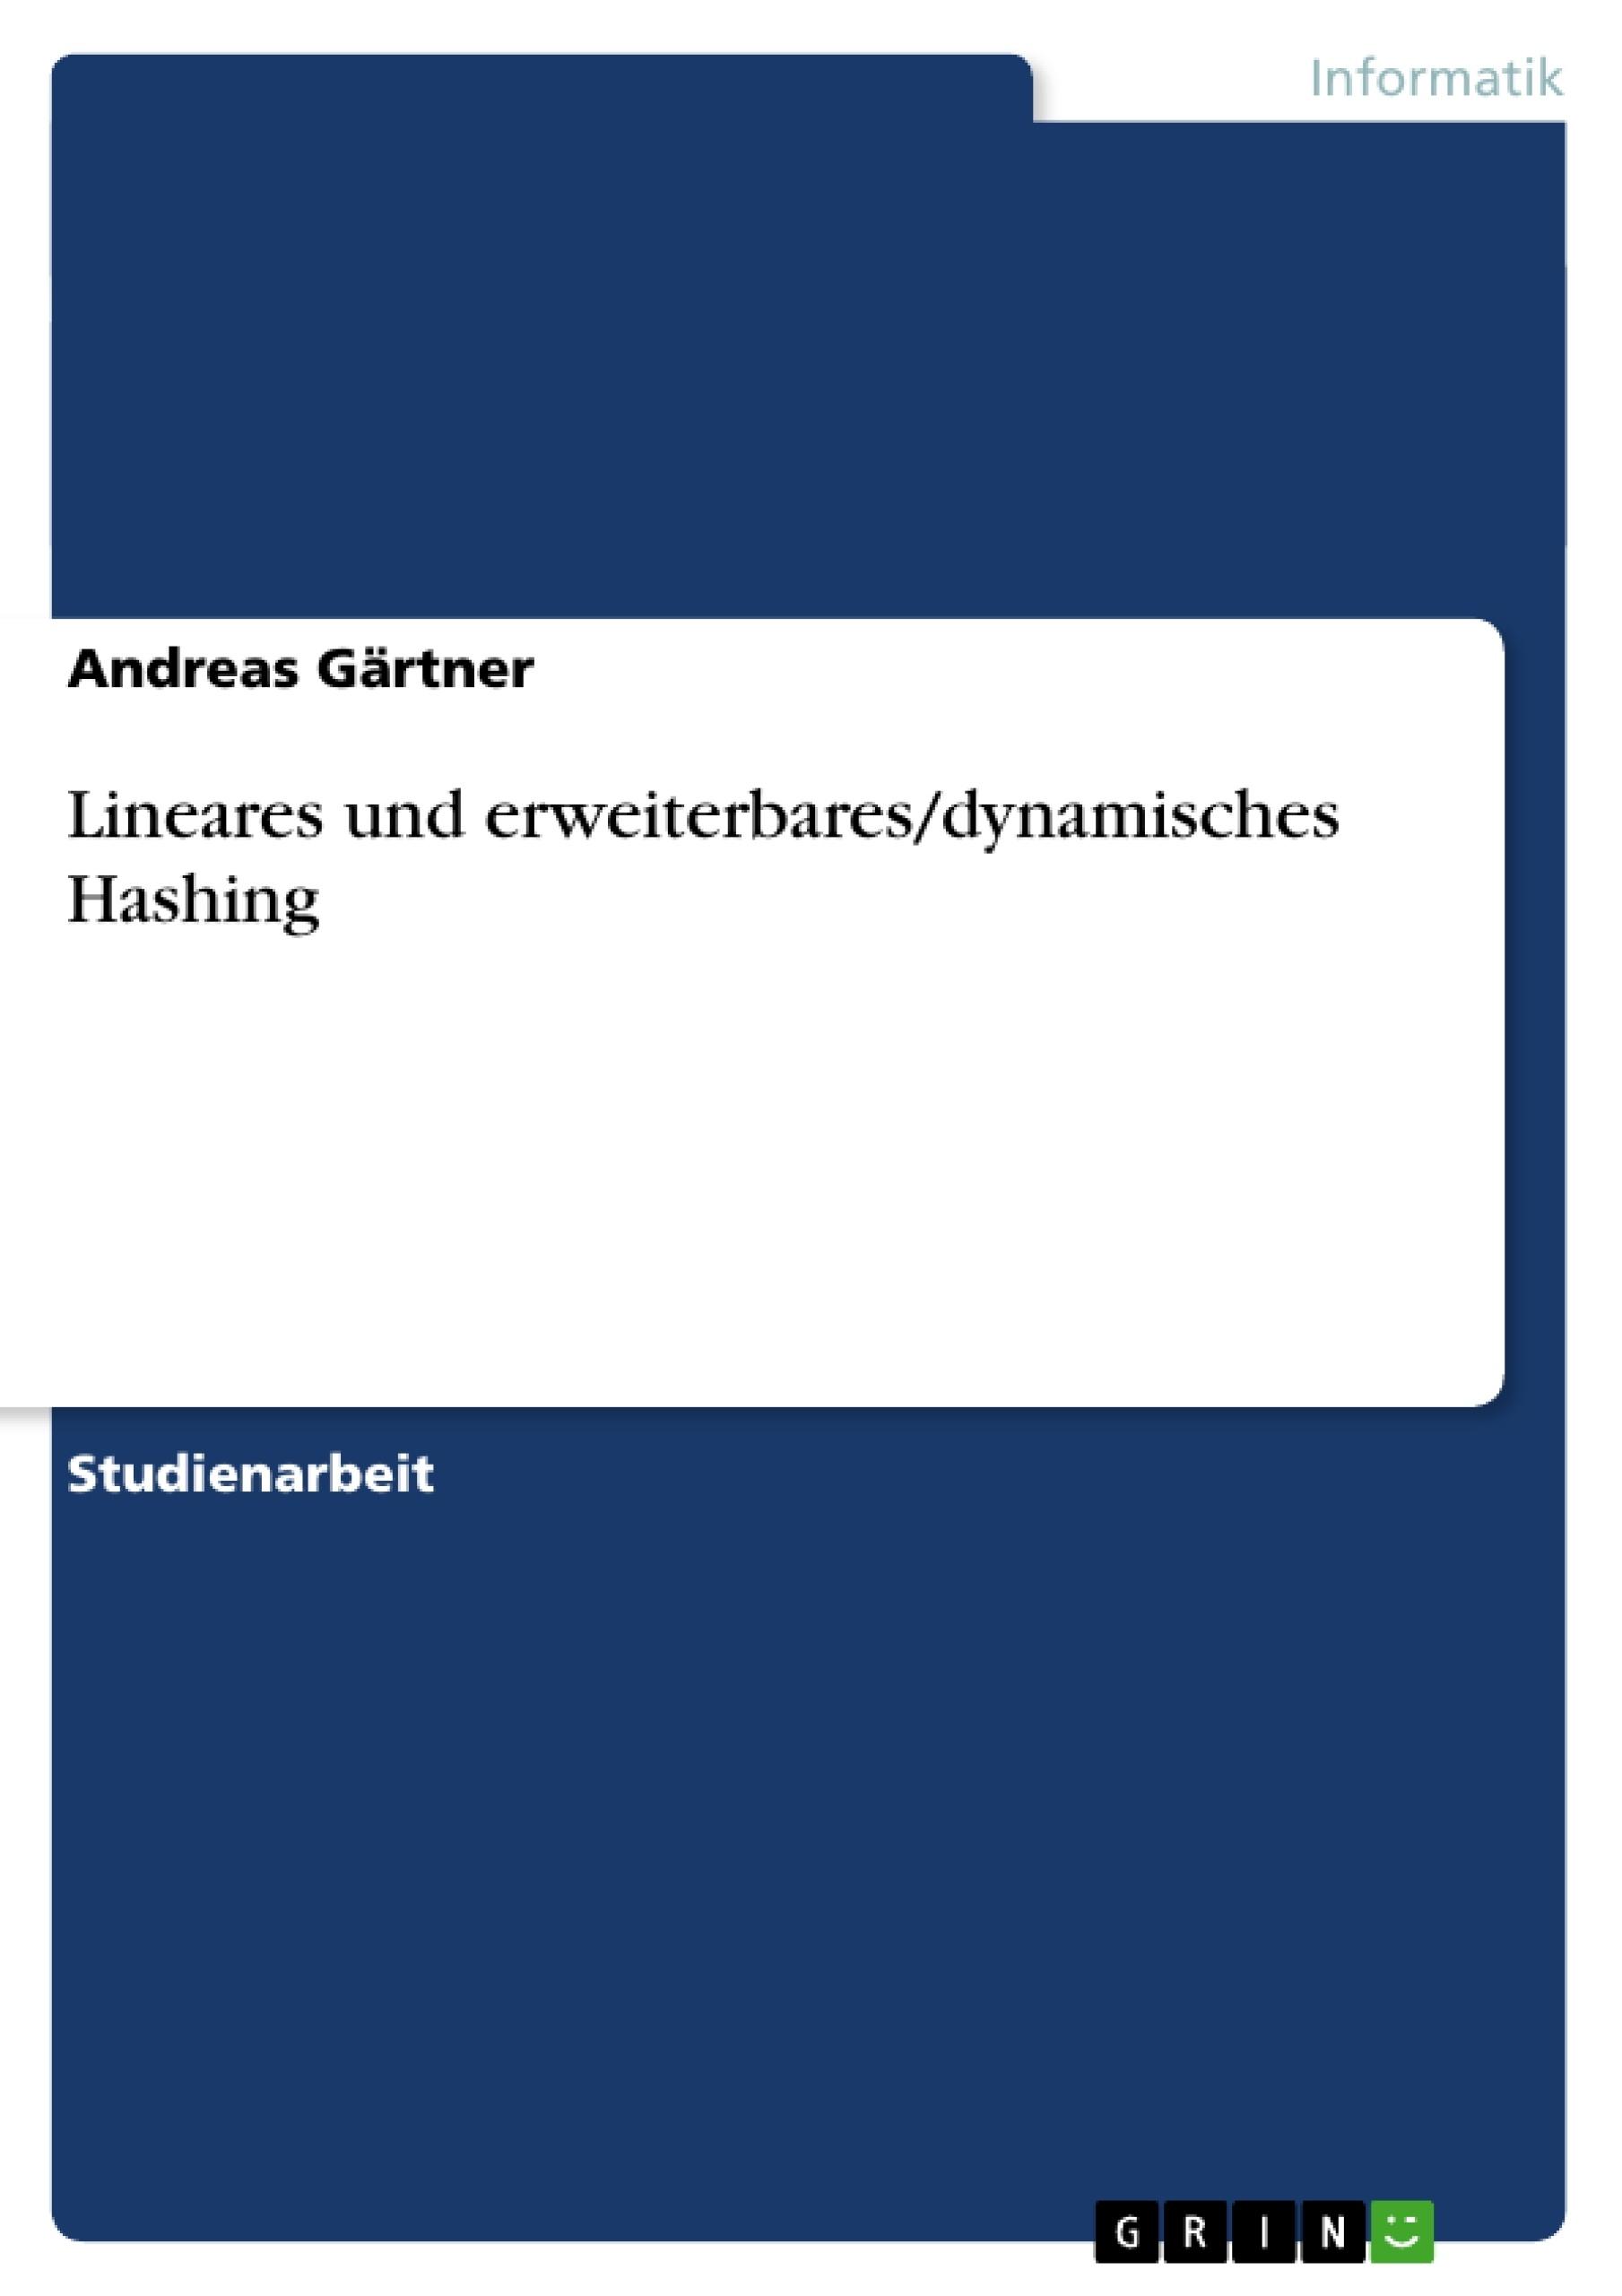 Titel: Lineares und erweiterbares/dynamisches Hashing